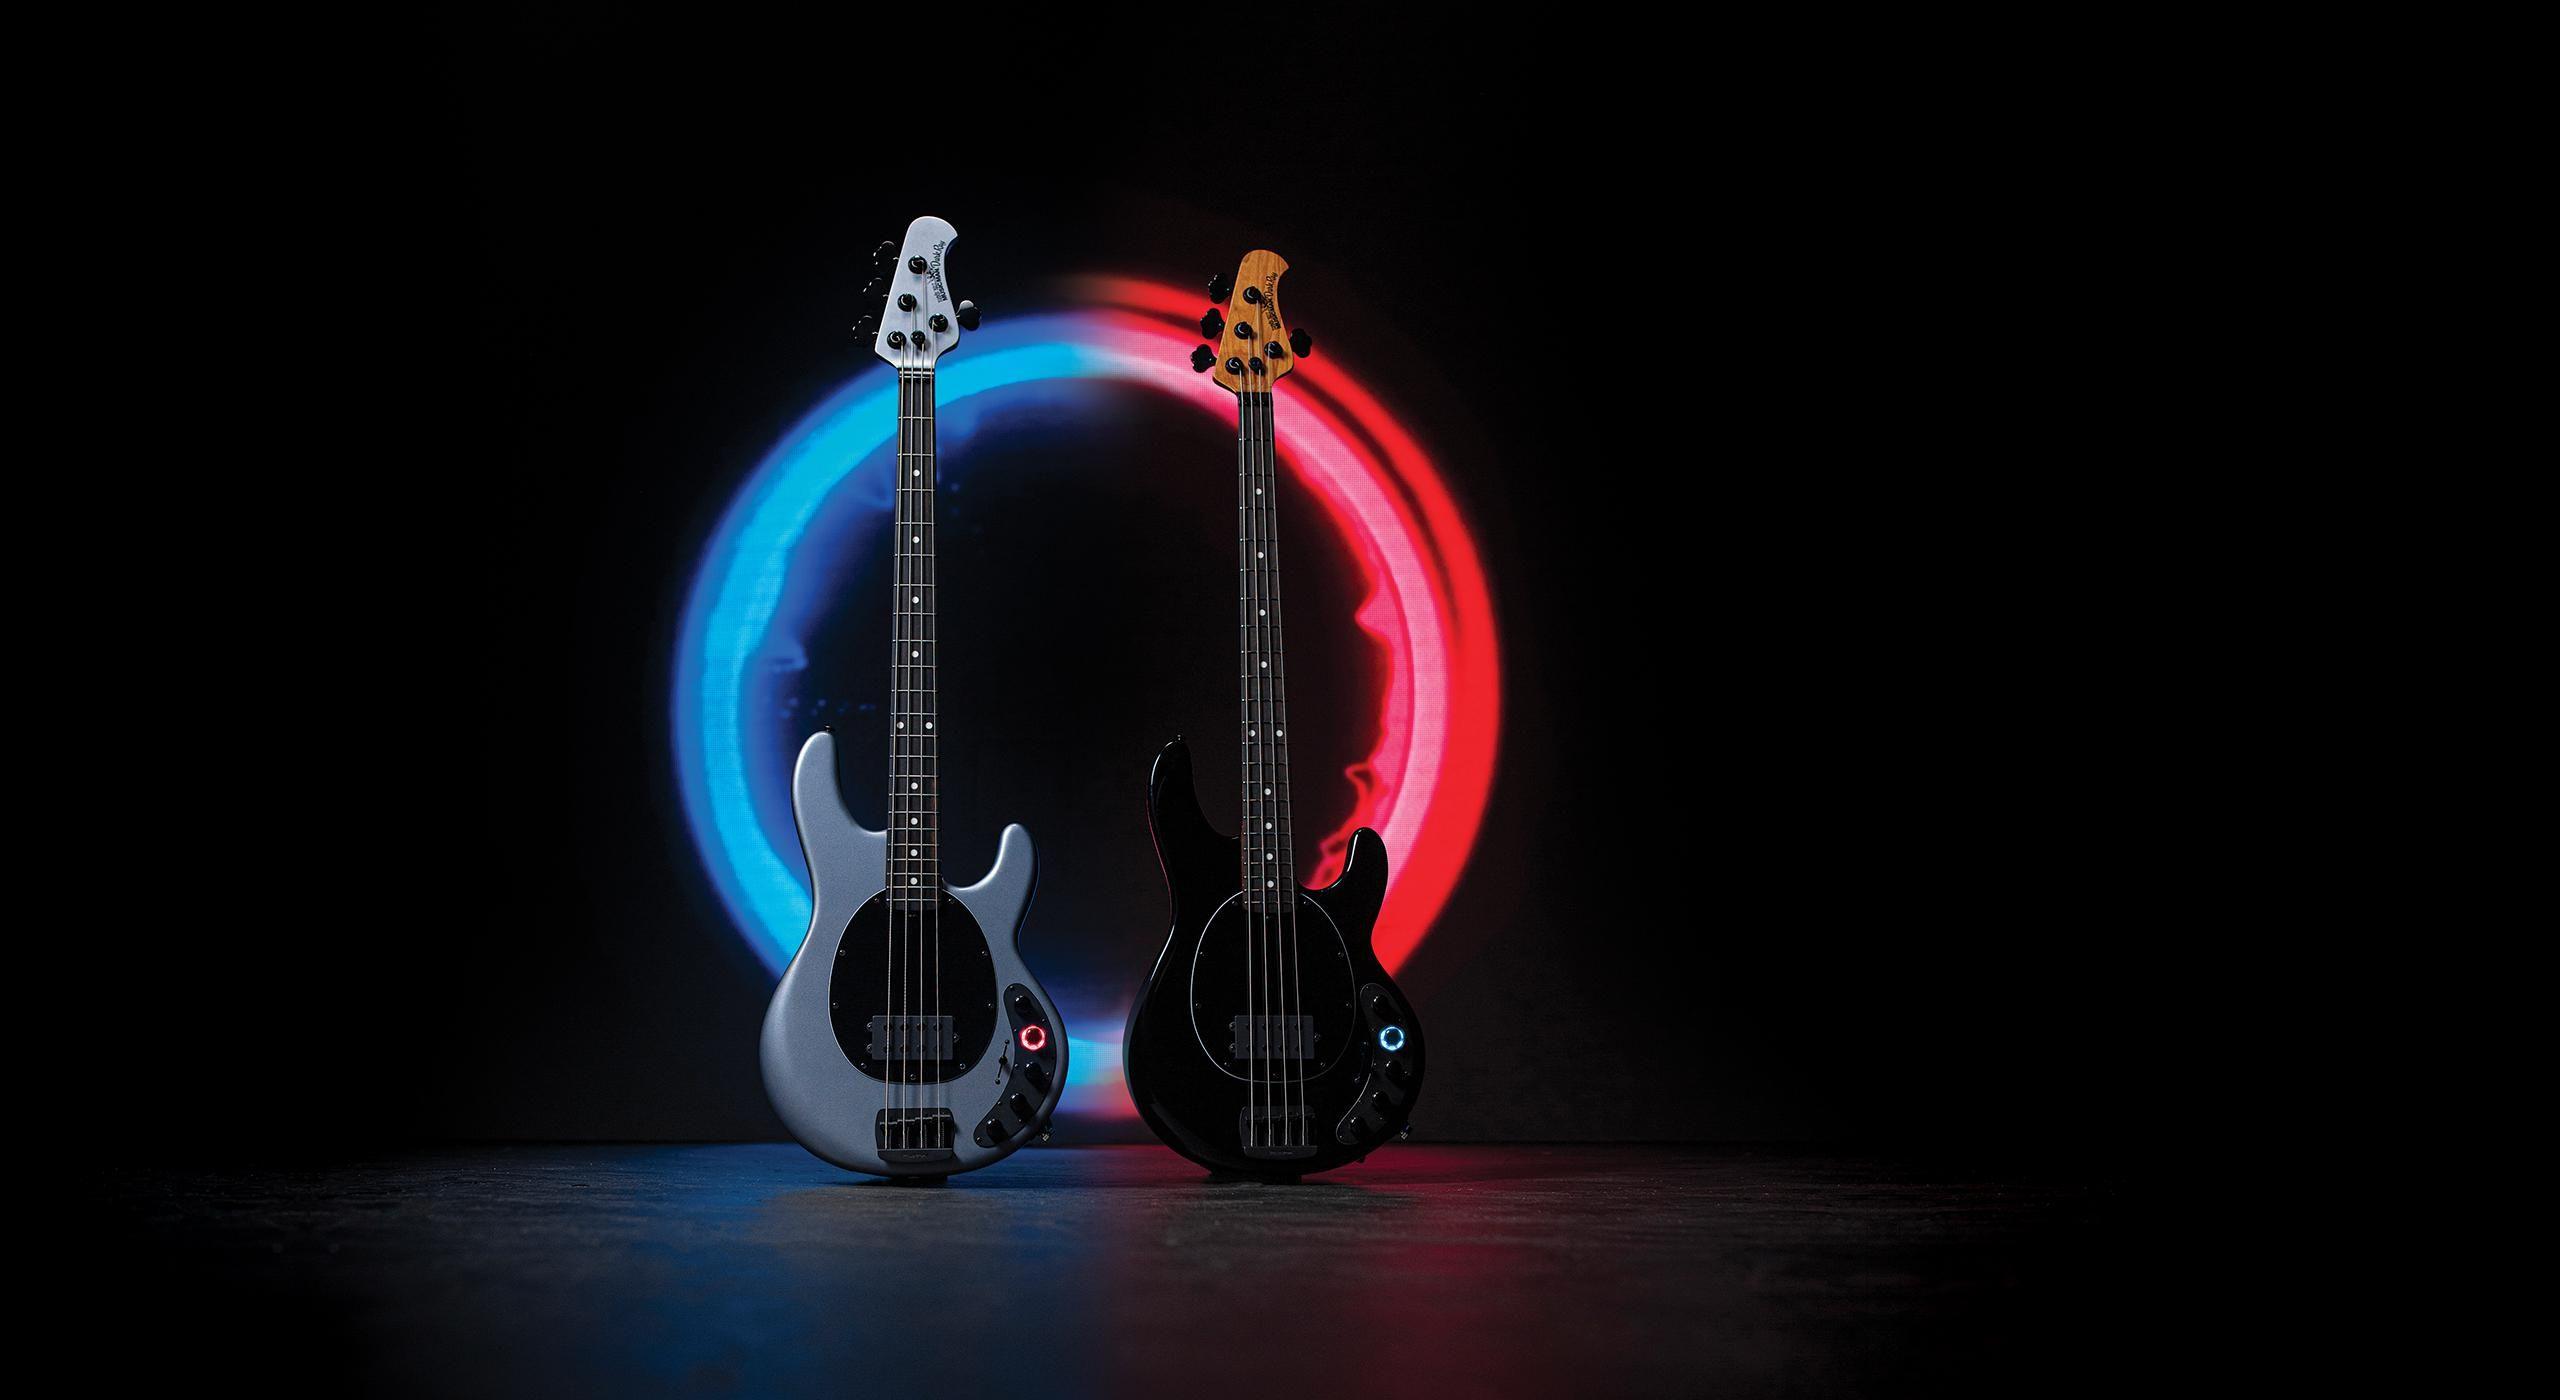 Ernie Ball Music Man Unveils the DarkRay Bass